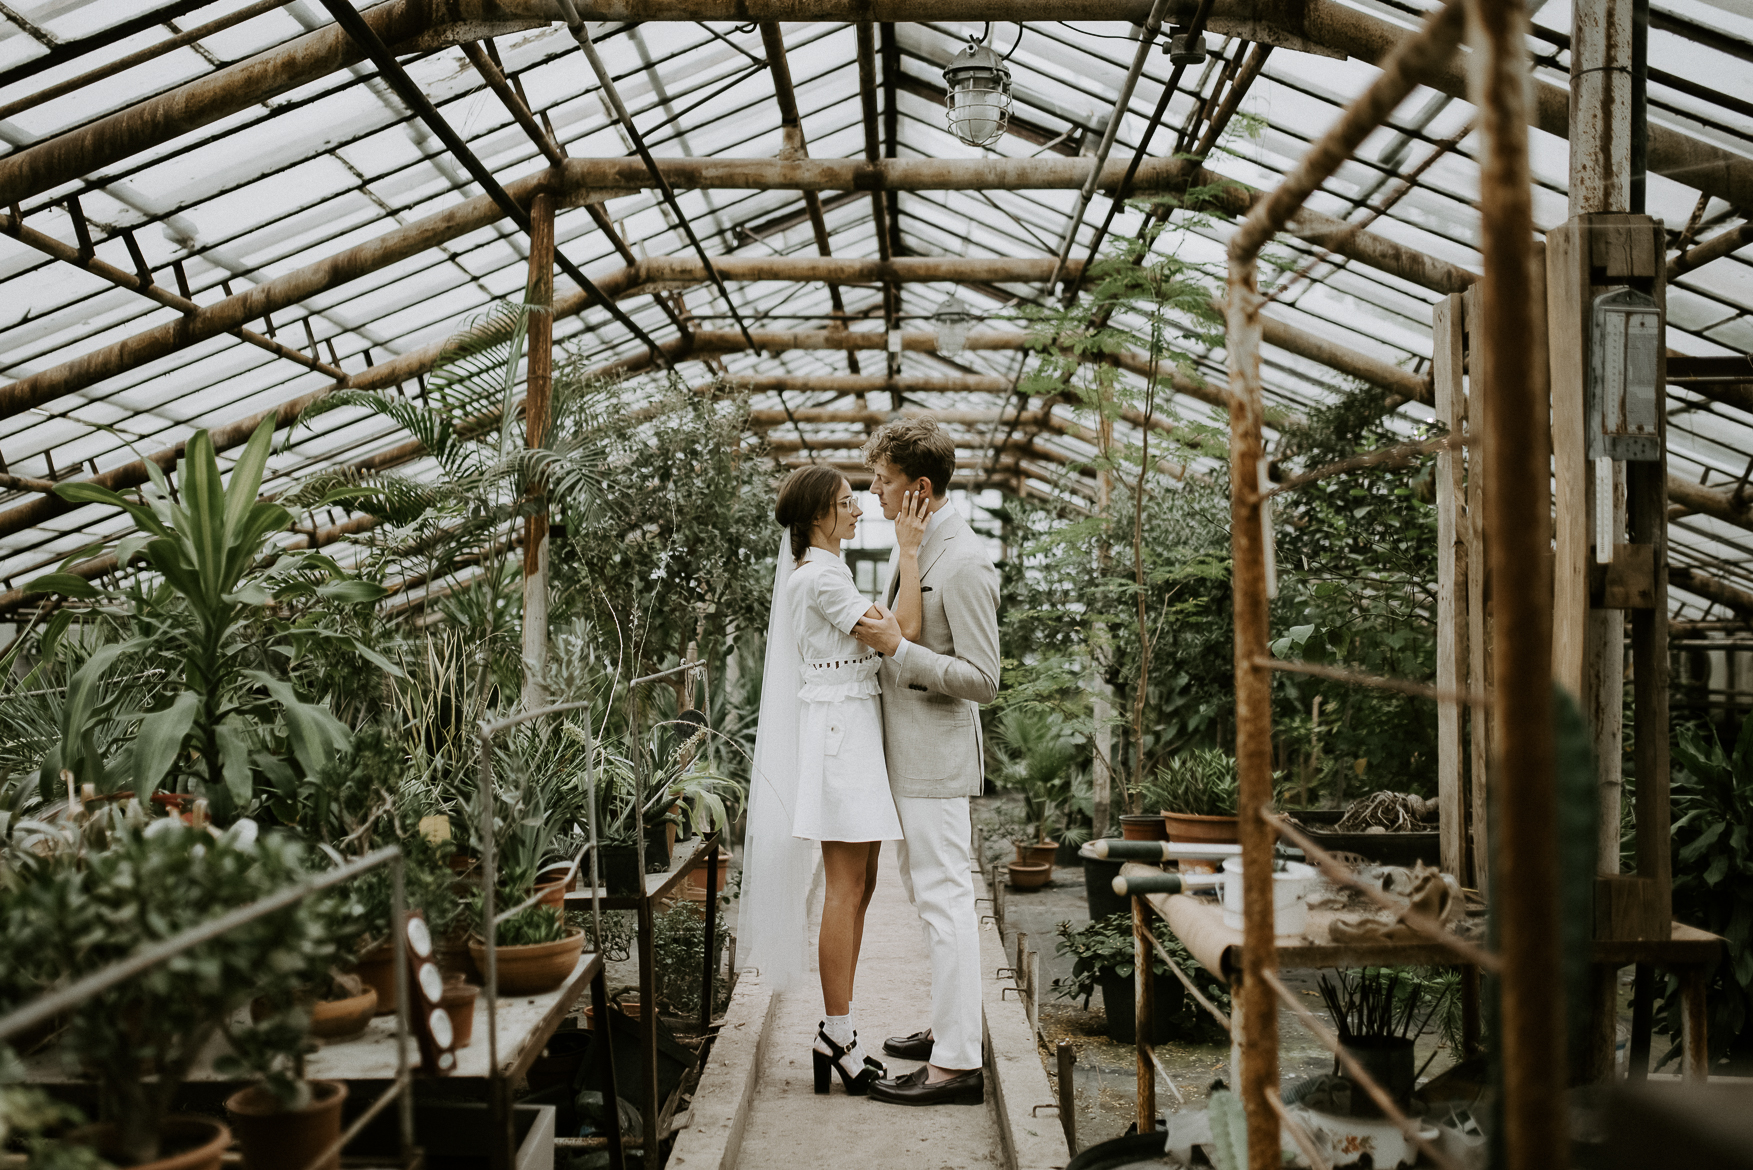 vestuviufotografe-273